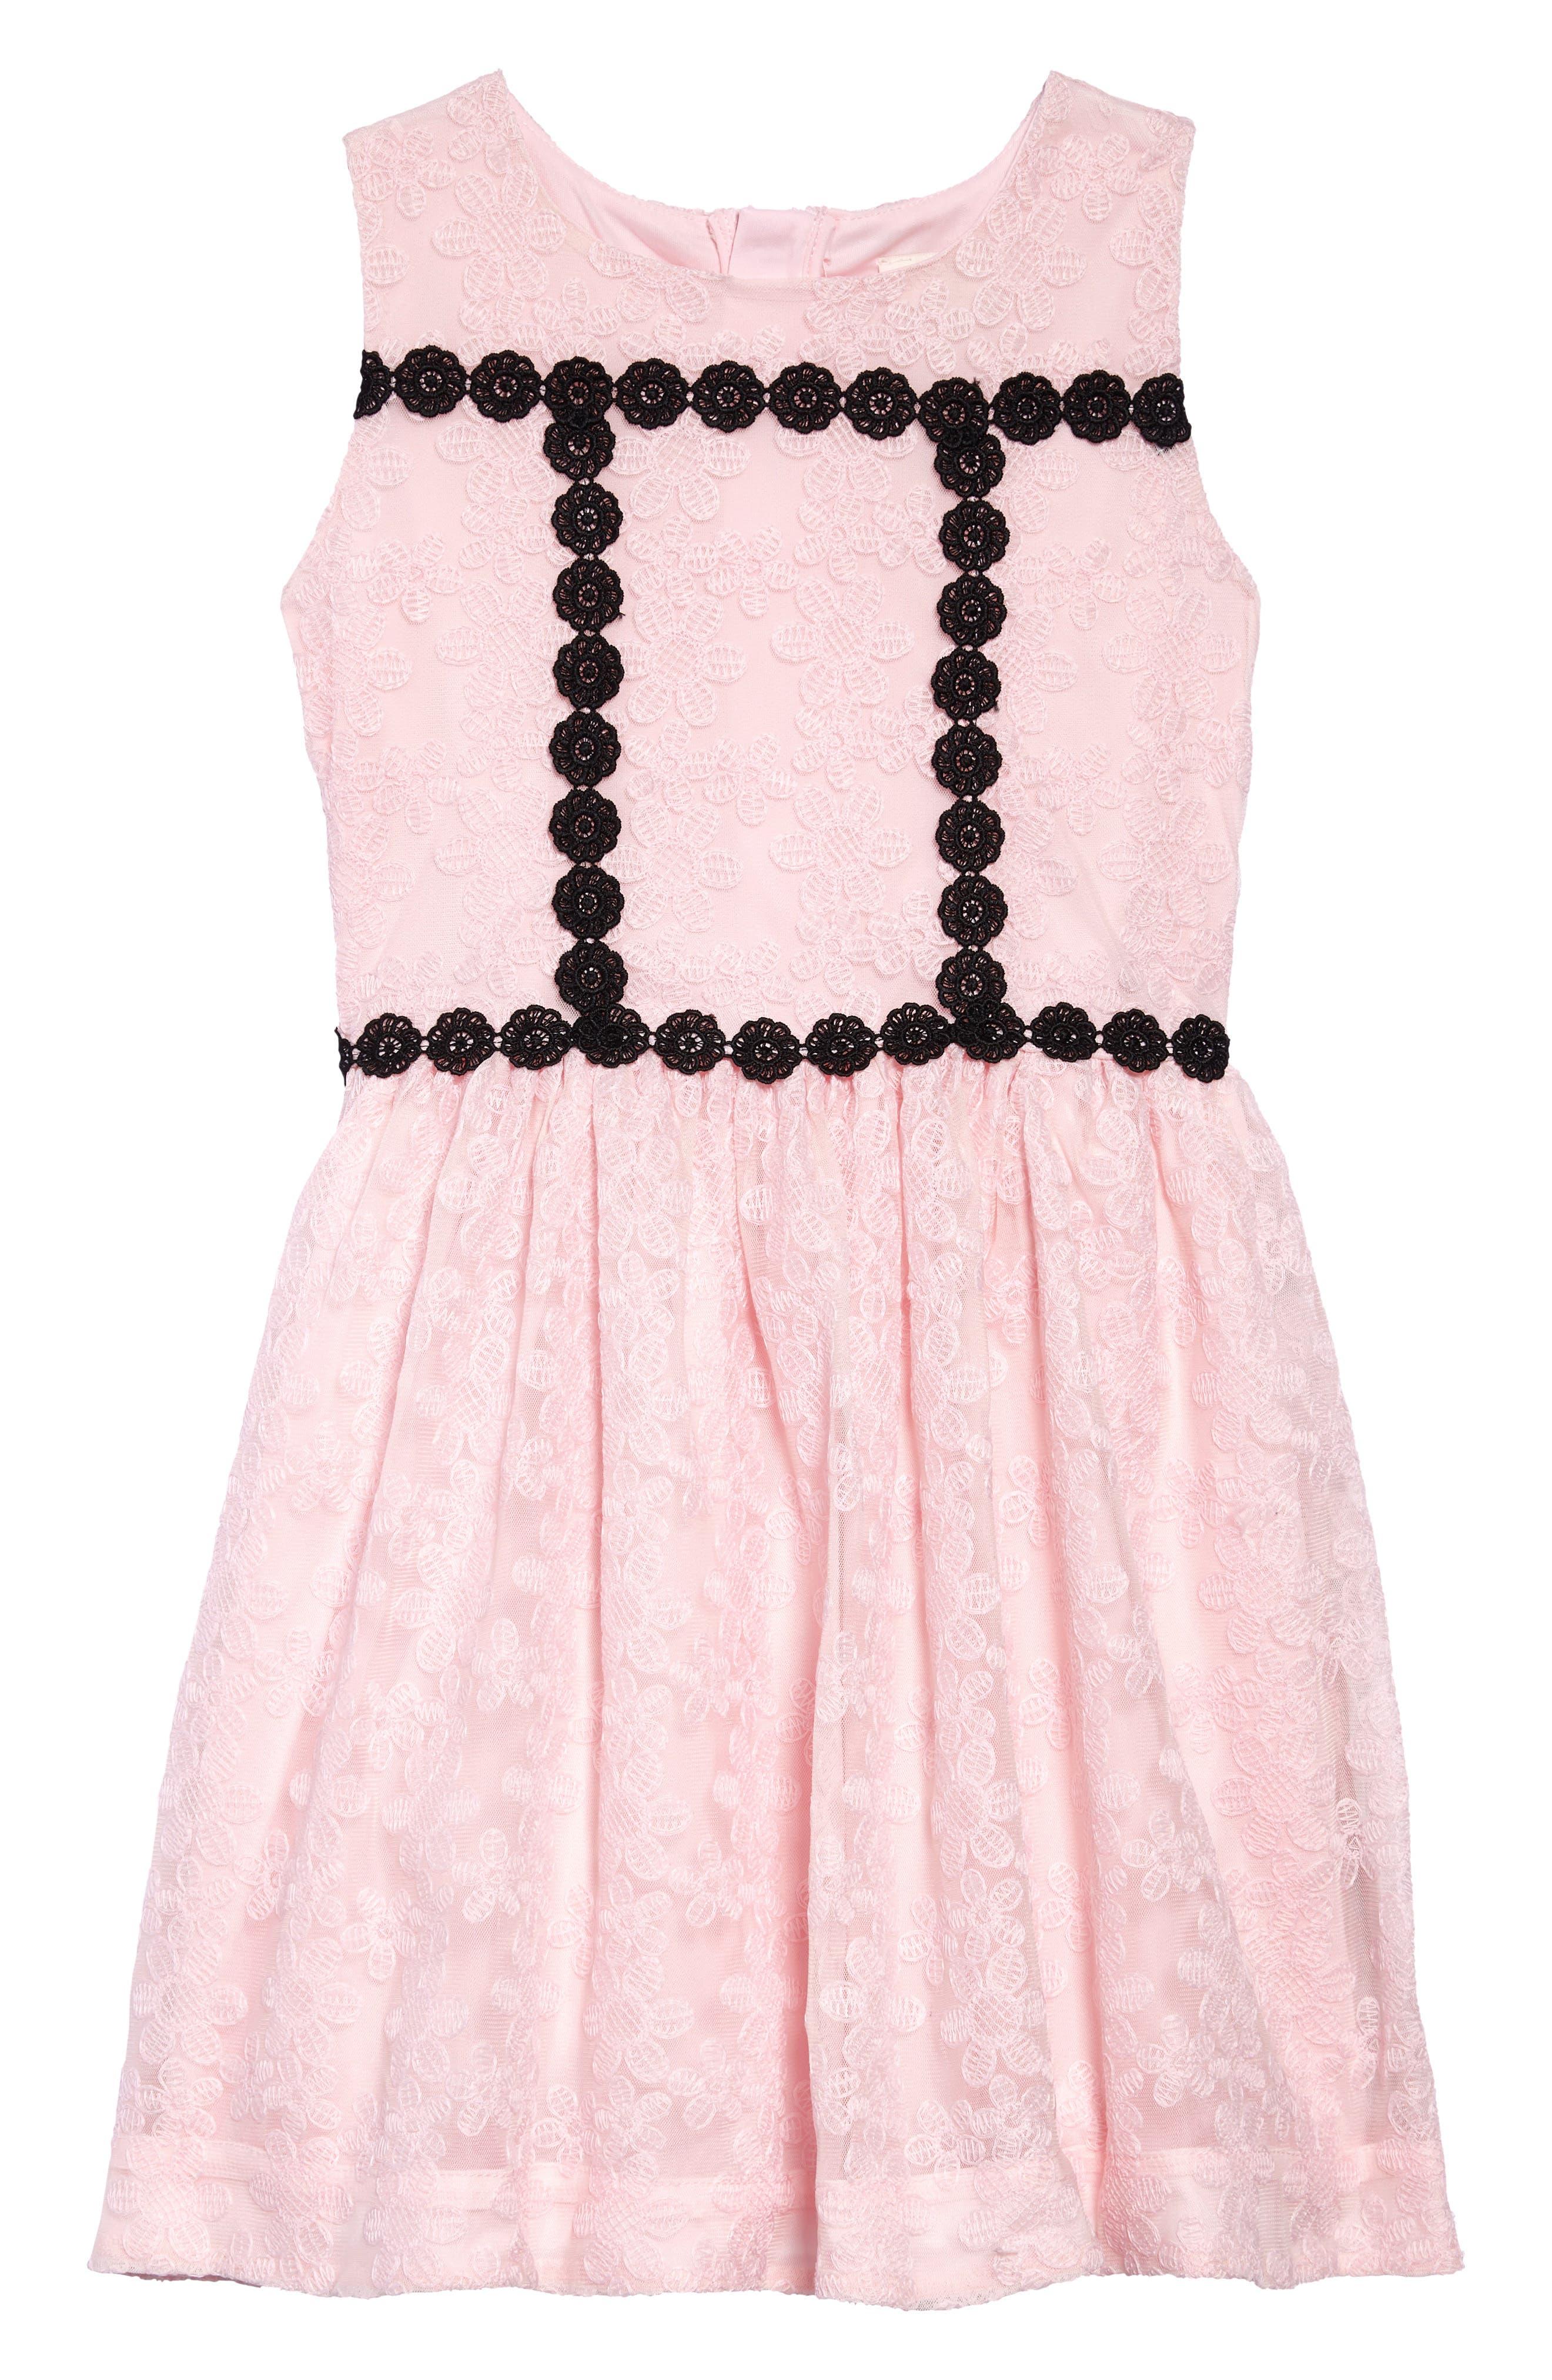 floral mesh sleeveless dress,                         Main,                         color, Sonata Pink